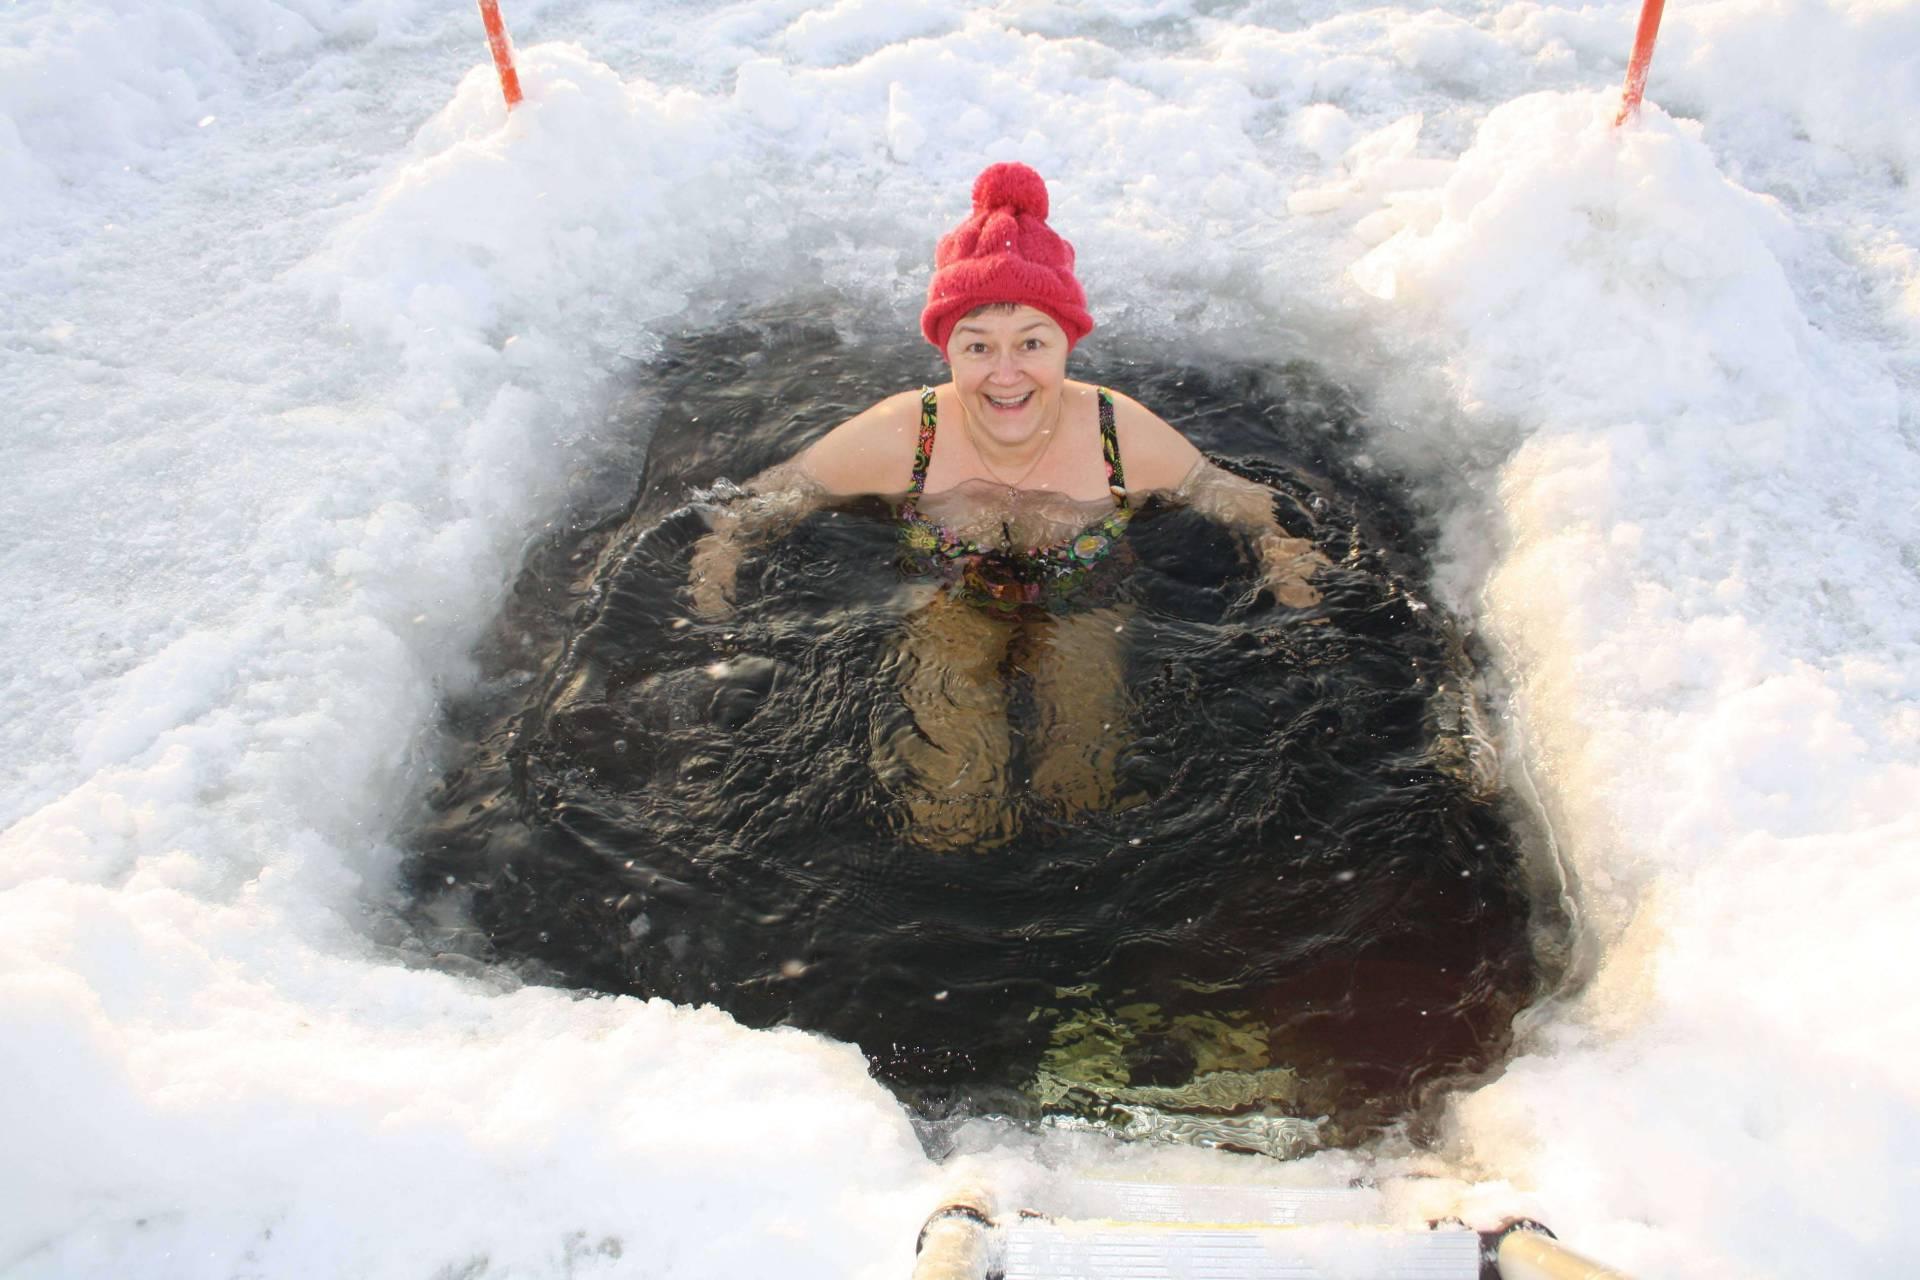 Vinterbad i isvak är bra för hälsan